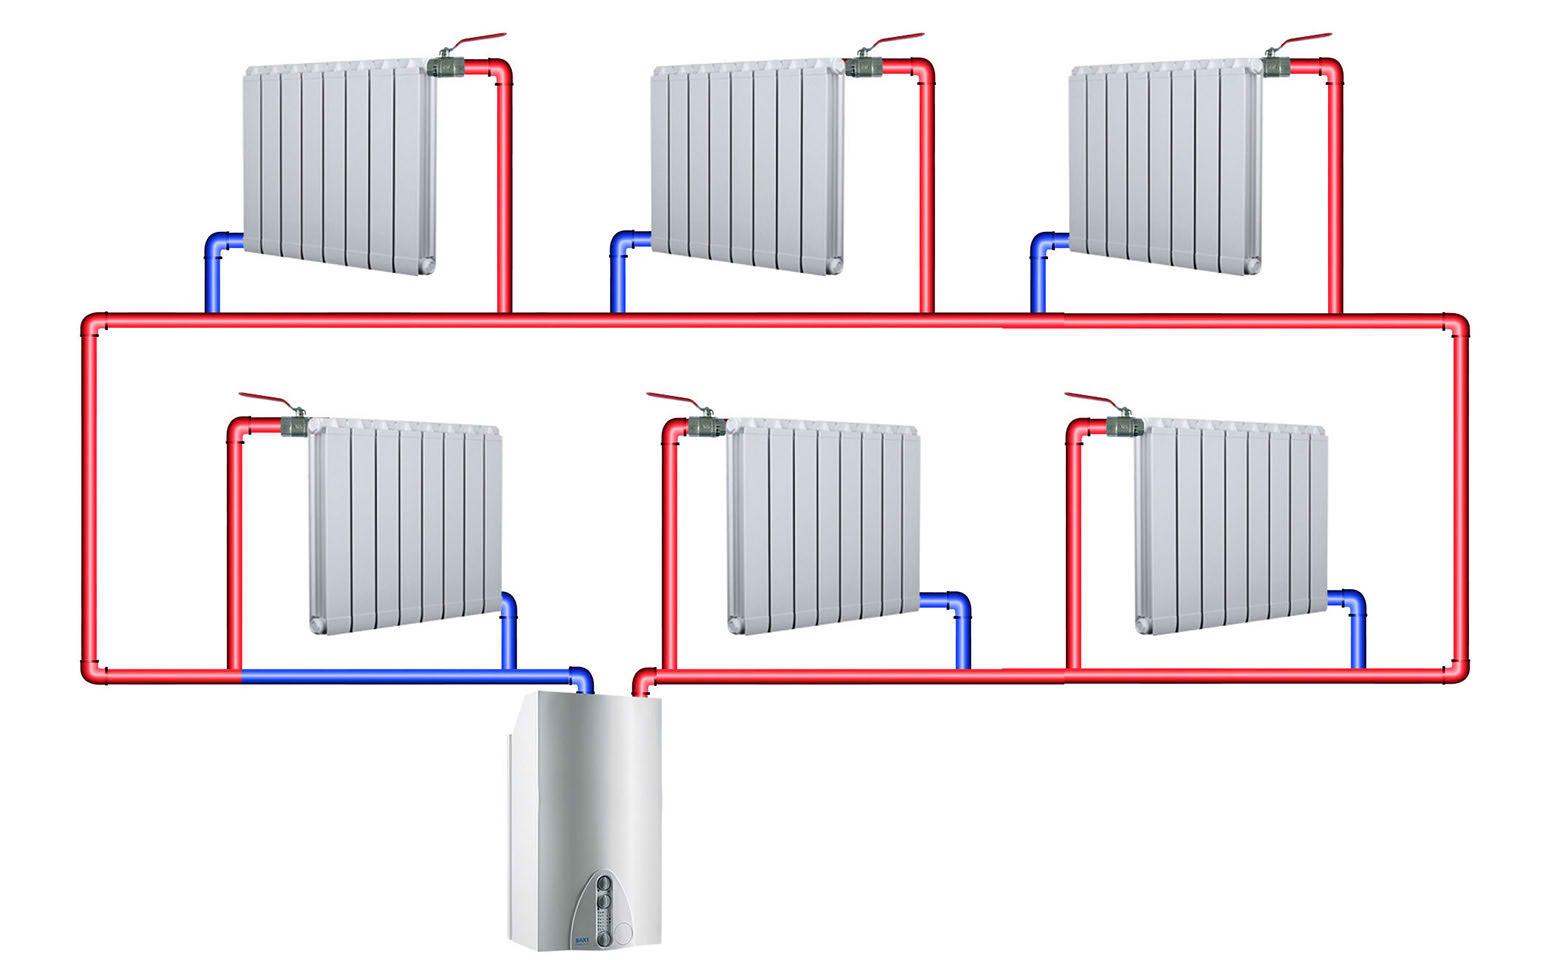 схема отопления 5 этажного панельного дома